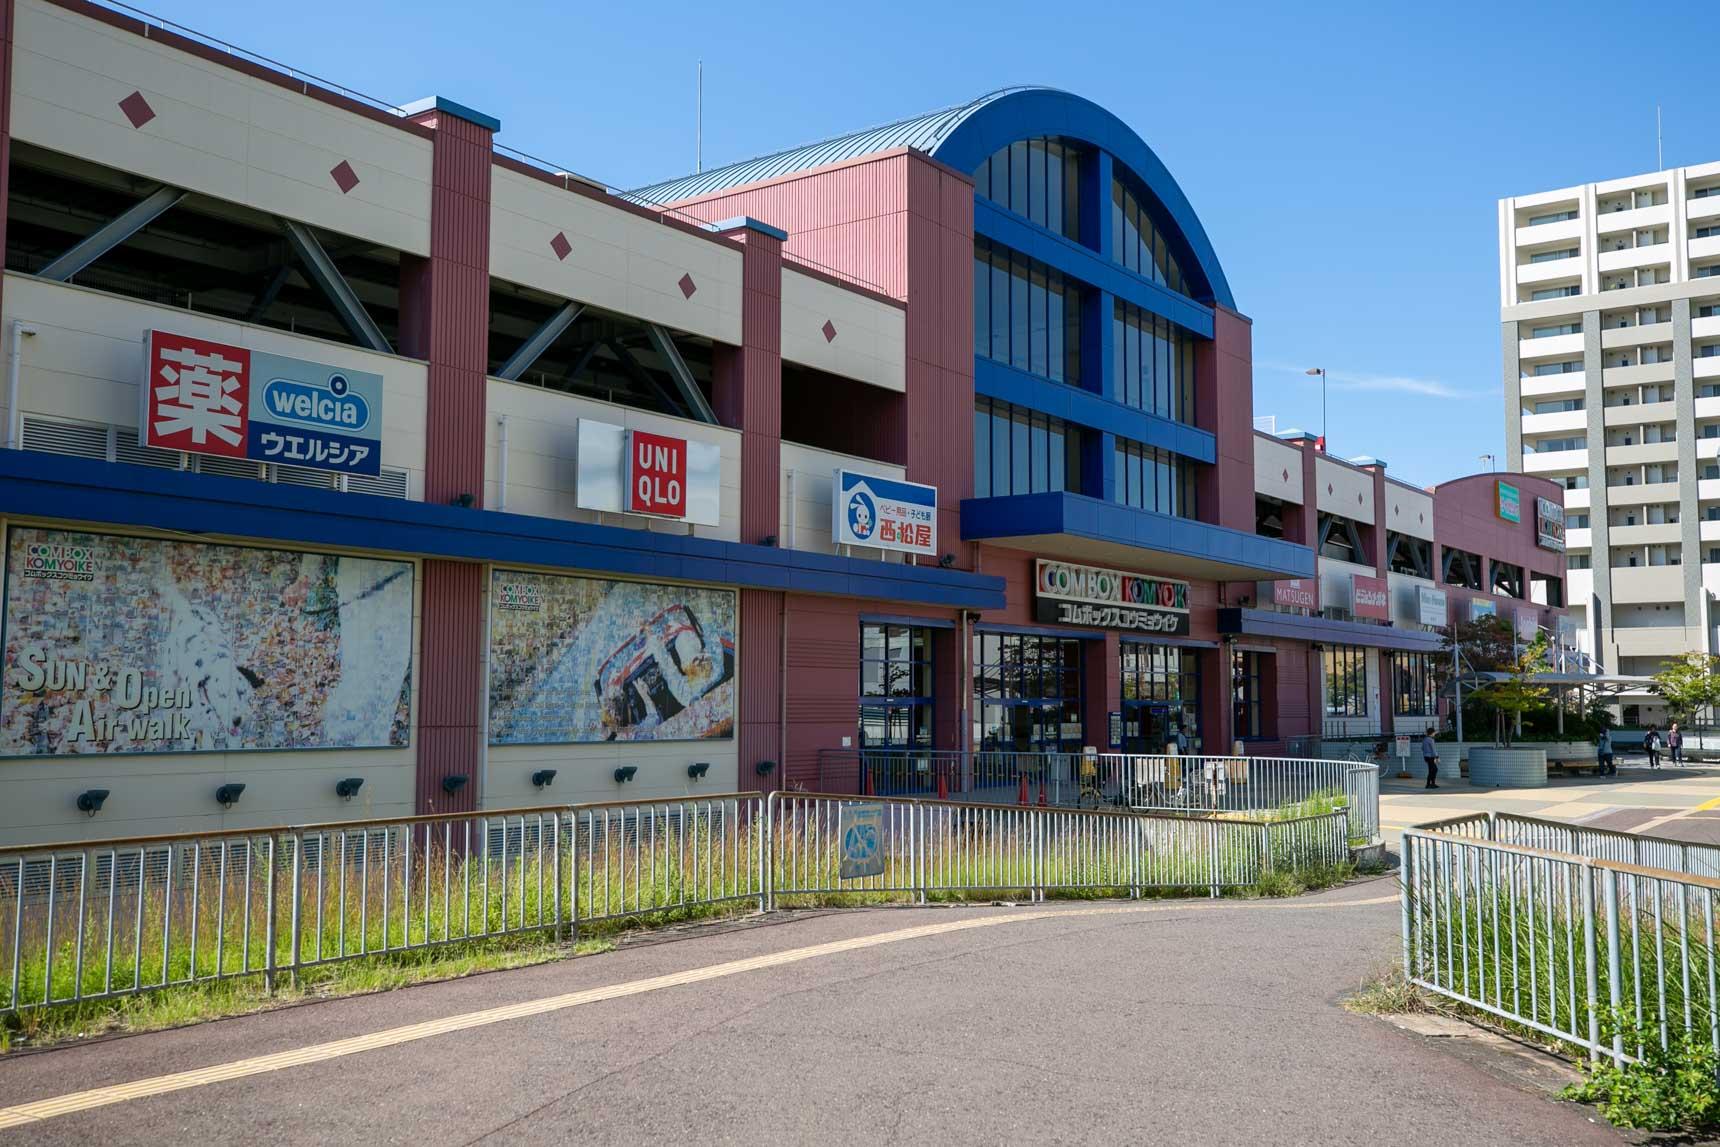 飲食店やドラッグストア、ユニクロや家電量販店まで入るショッピングモールもあります。